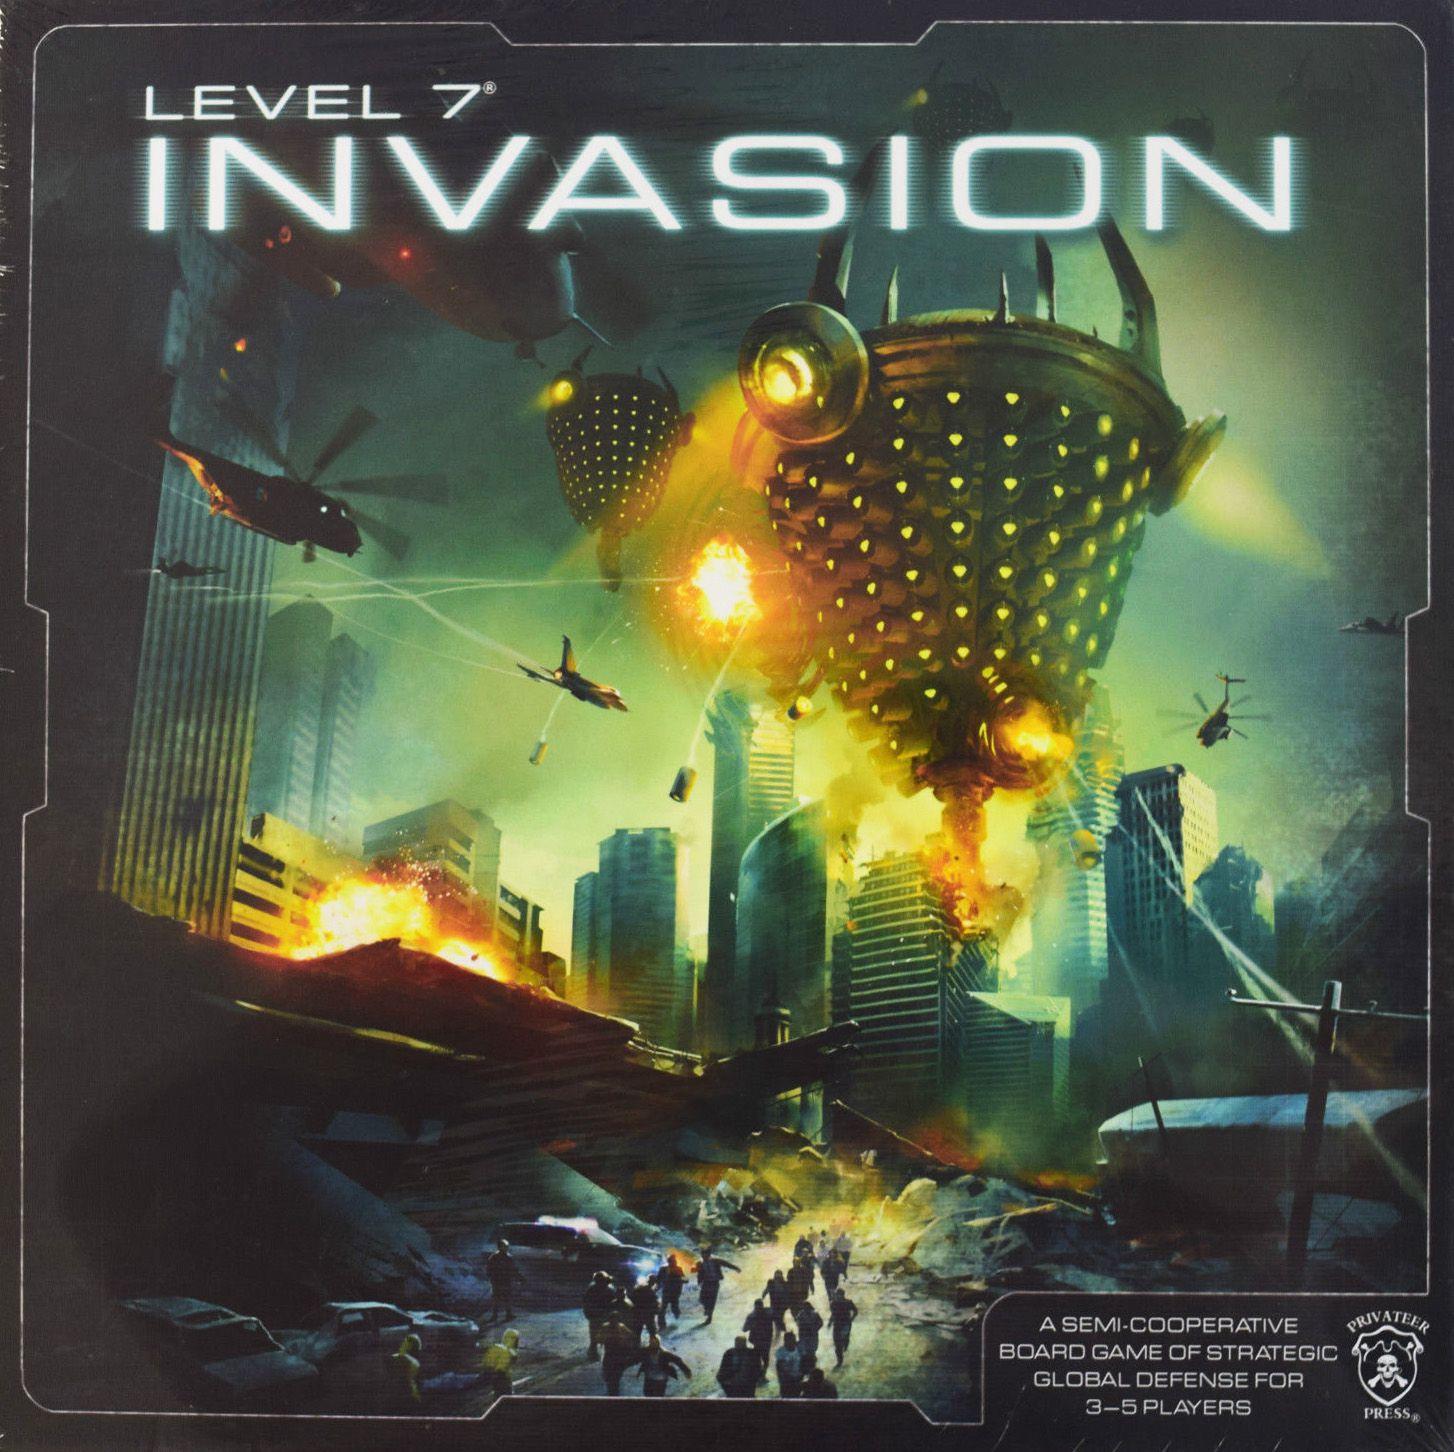 настольная игра Level 7 [Invasion] Уровень 7 [Вторжение]